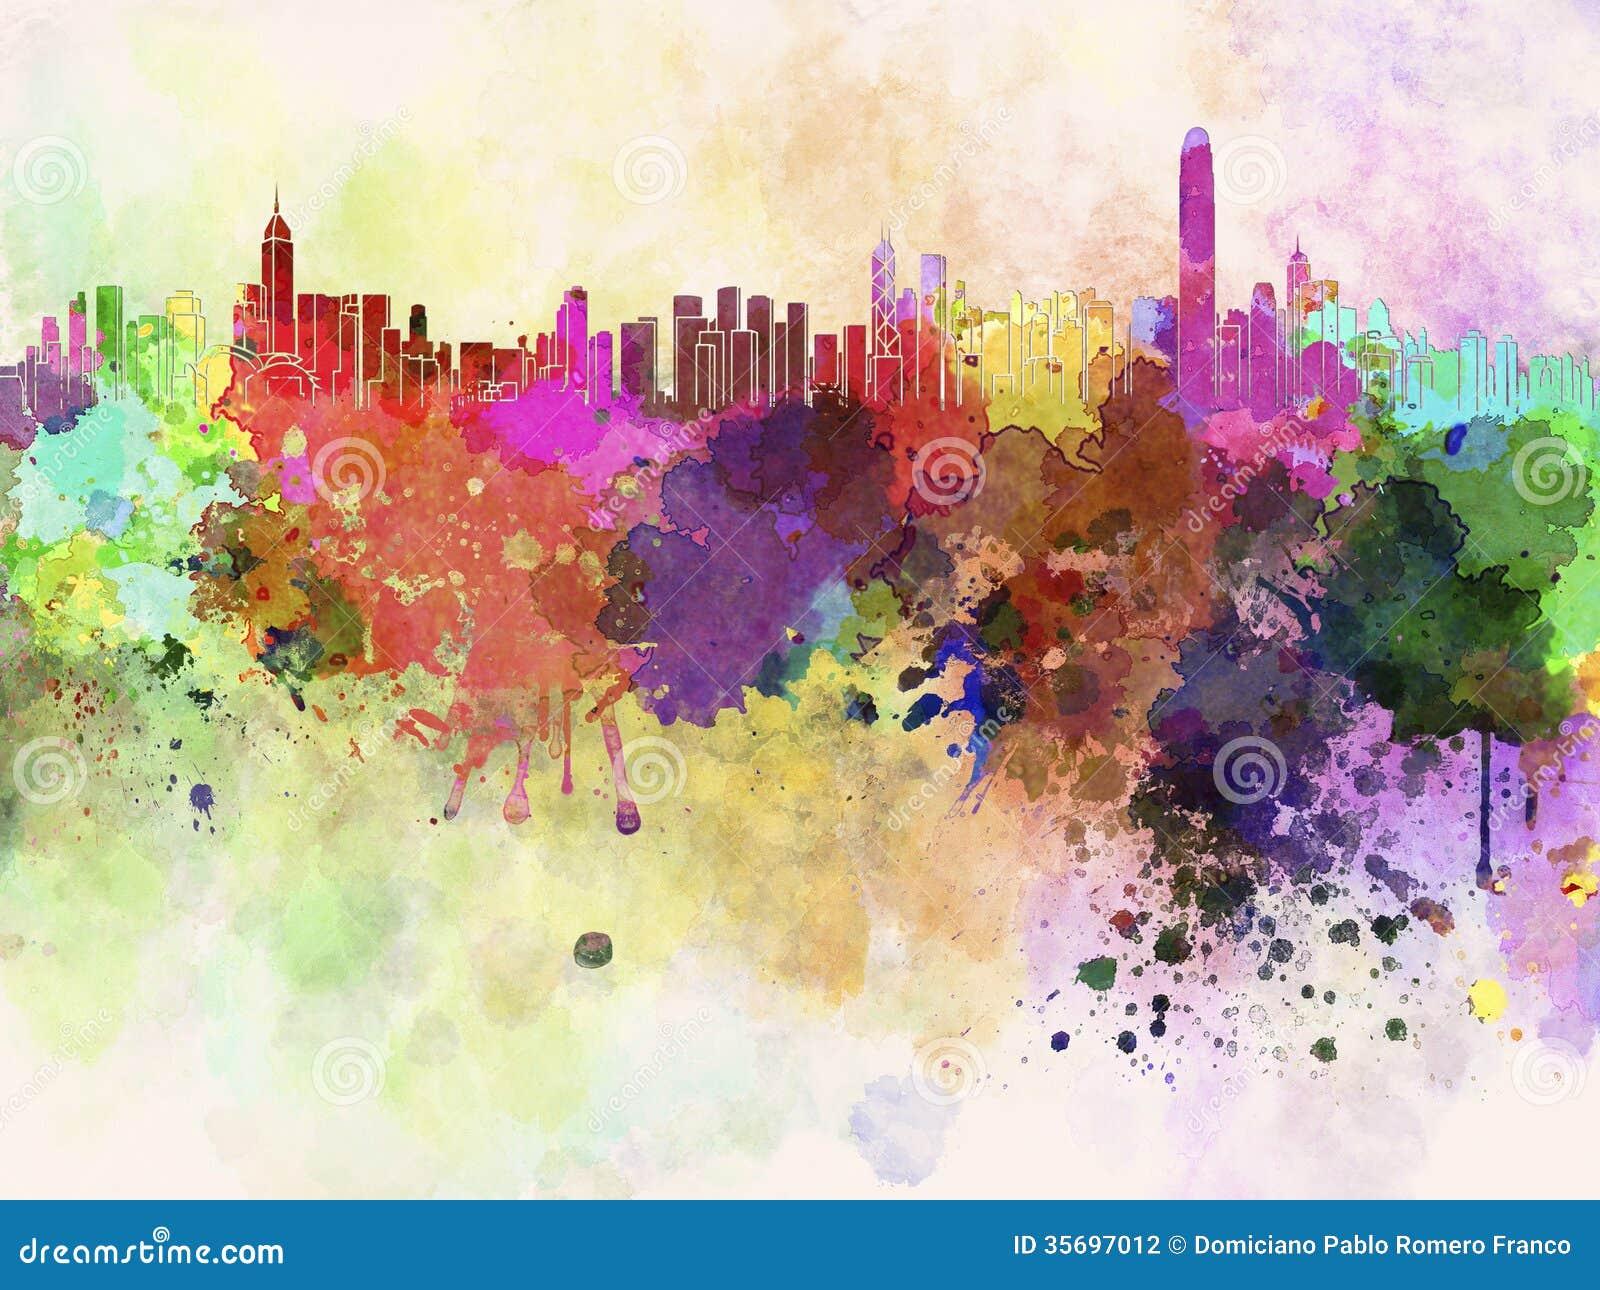 香港地平线在抽象水彩背景中.图片